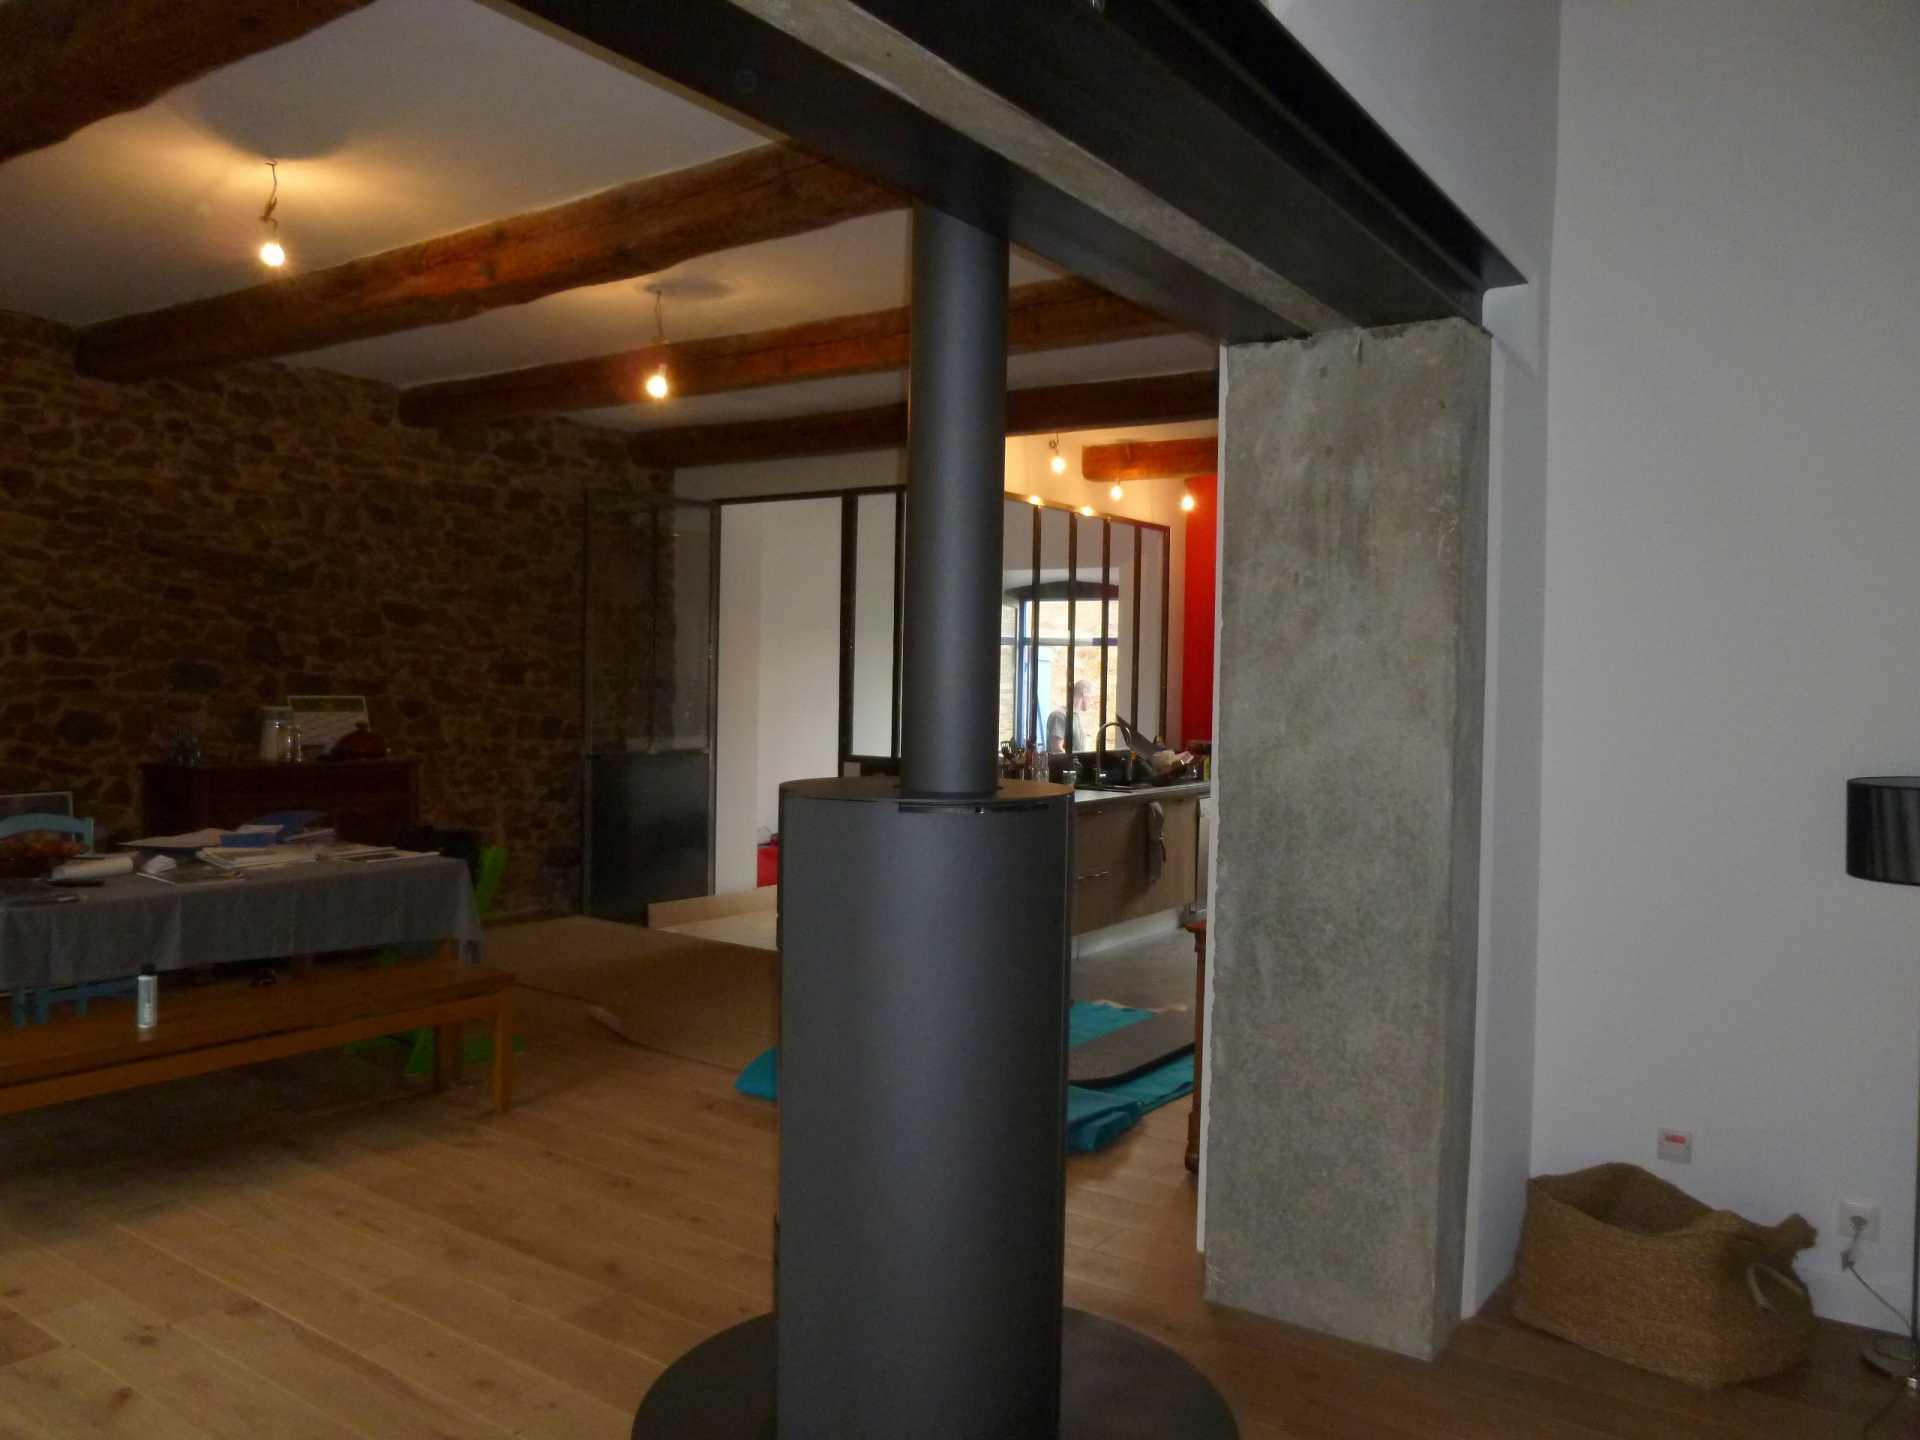 Maison CS à Narbonne avec Renée Astruc pour maîtrise d'œuvre